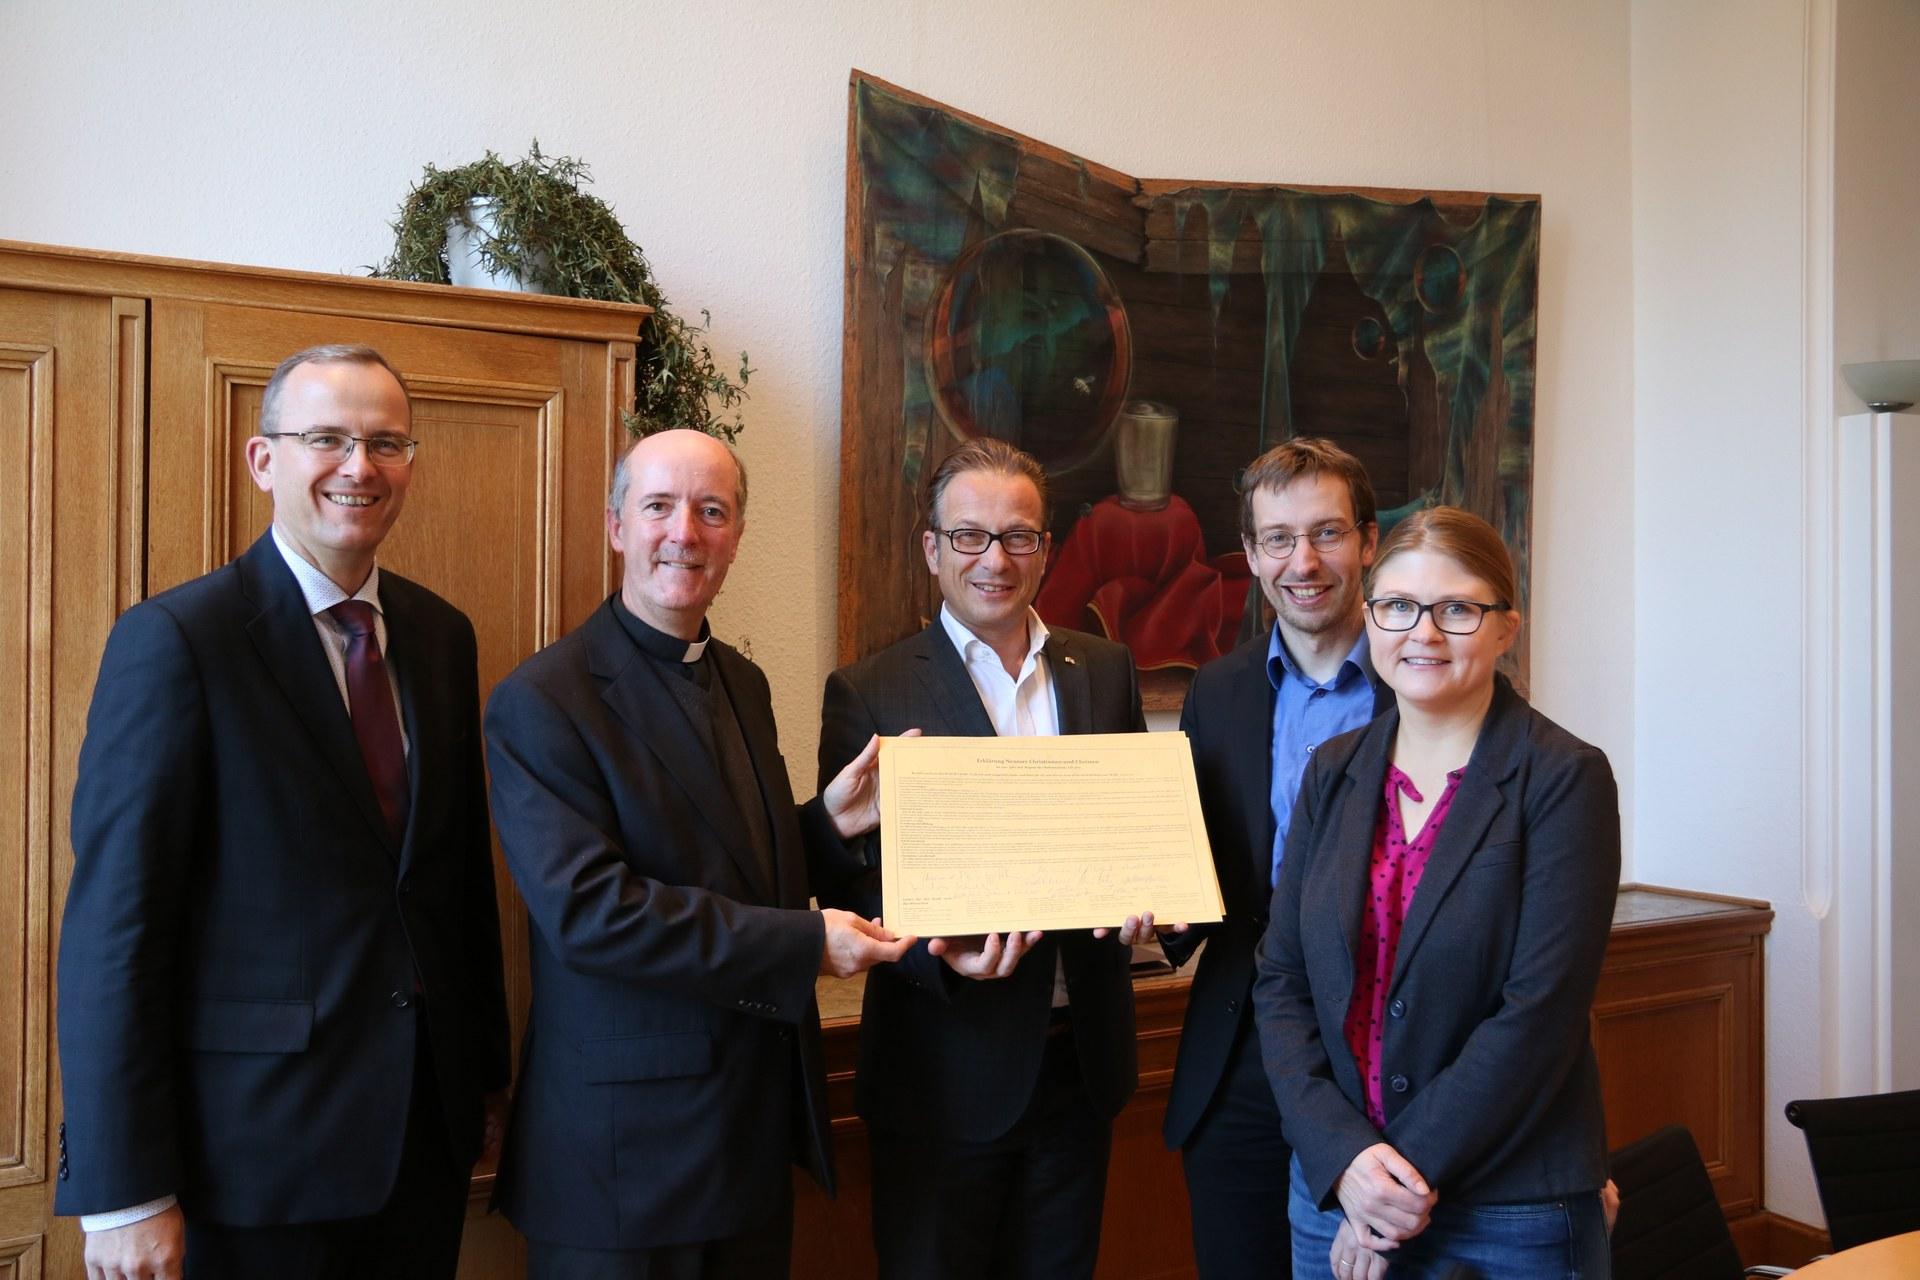 Rund 50 Personen hatten sich im Martin-Luther-Haus ausgetauscht und eine Erklärung erstellt. Von zahlreichen Mitbürgerinnen und Mitbürgern unterzeichnet, ist sie jetzt der Stadt Neuss übergeben worden.